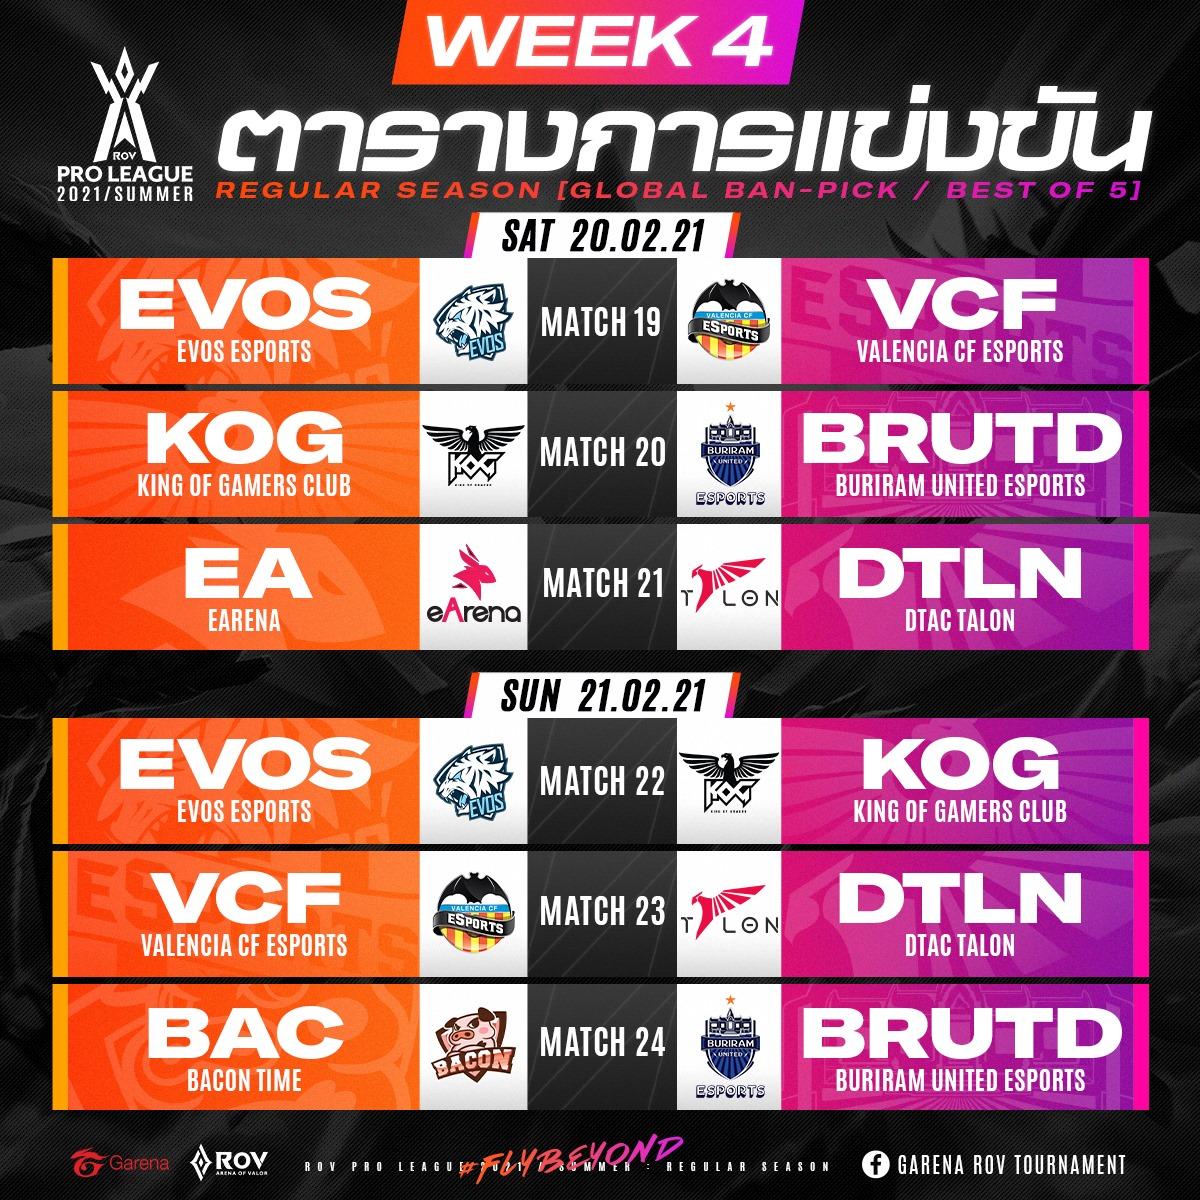 สรุปผลการแข่งขันของทีม VALENCIA CF ESPORTS กับการแข่งขัน ROV PRO LEAGUE 2021 SUMMER ในสัปดาห์ที่ 4